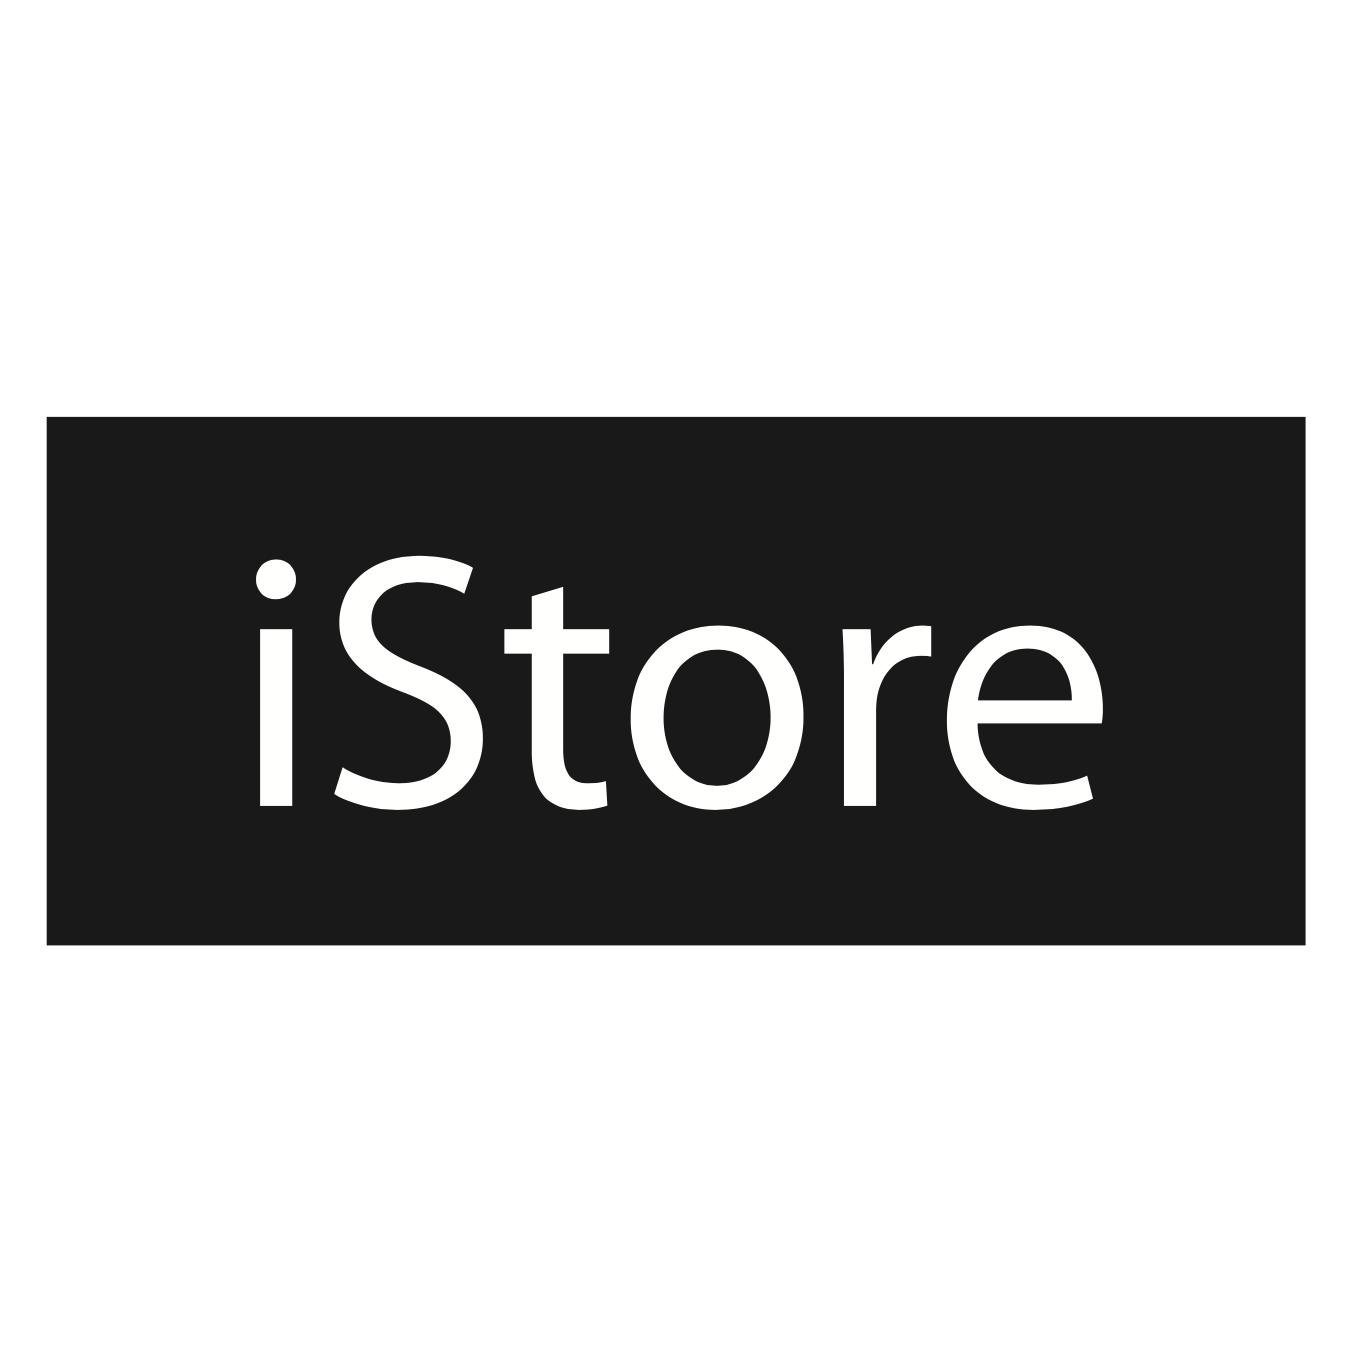 iPhone 12 / 12 Pro Silicone Case with MagSafe - Kumquat